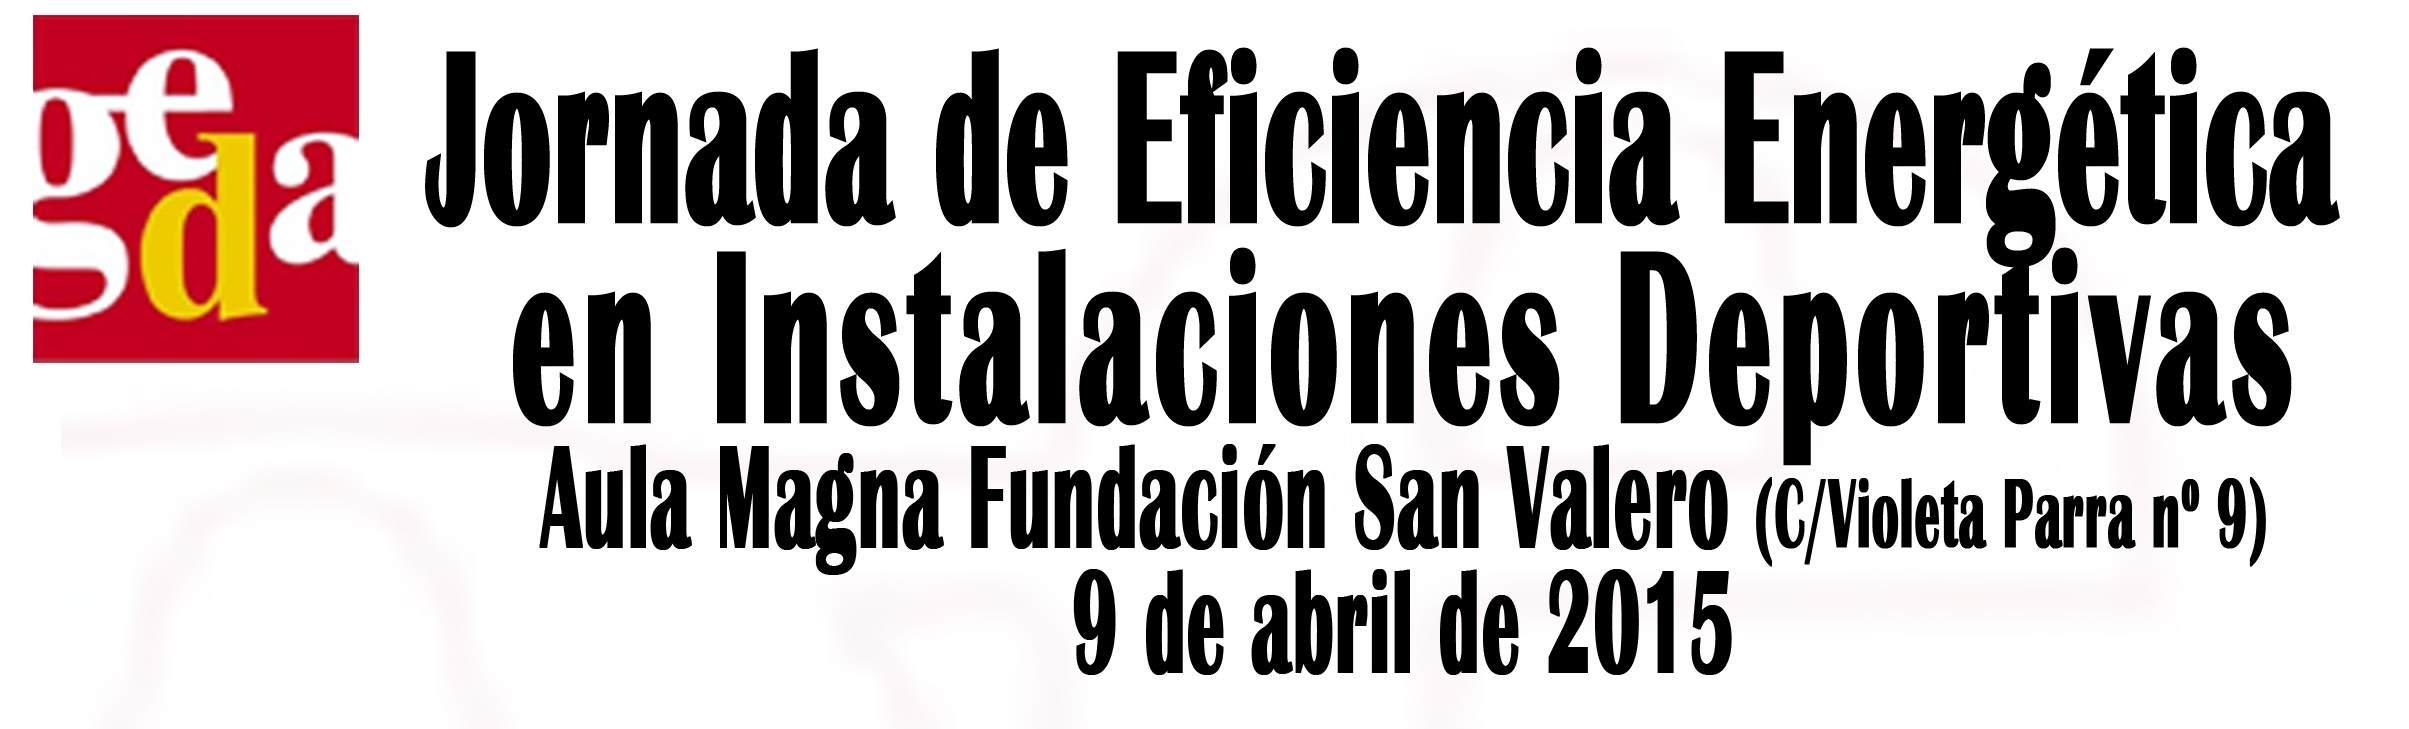 JORNADA DE EFICIENCIA ENERGÉTICA EN INSTALACIONES DEPORTIVAS - Inscríbete